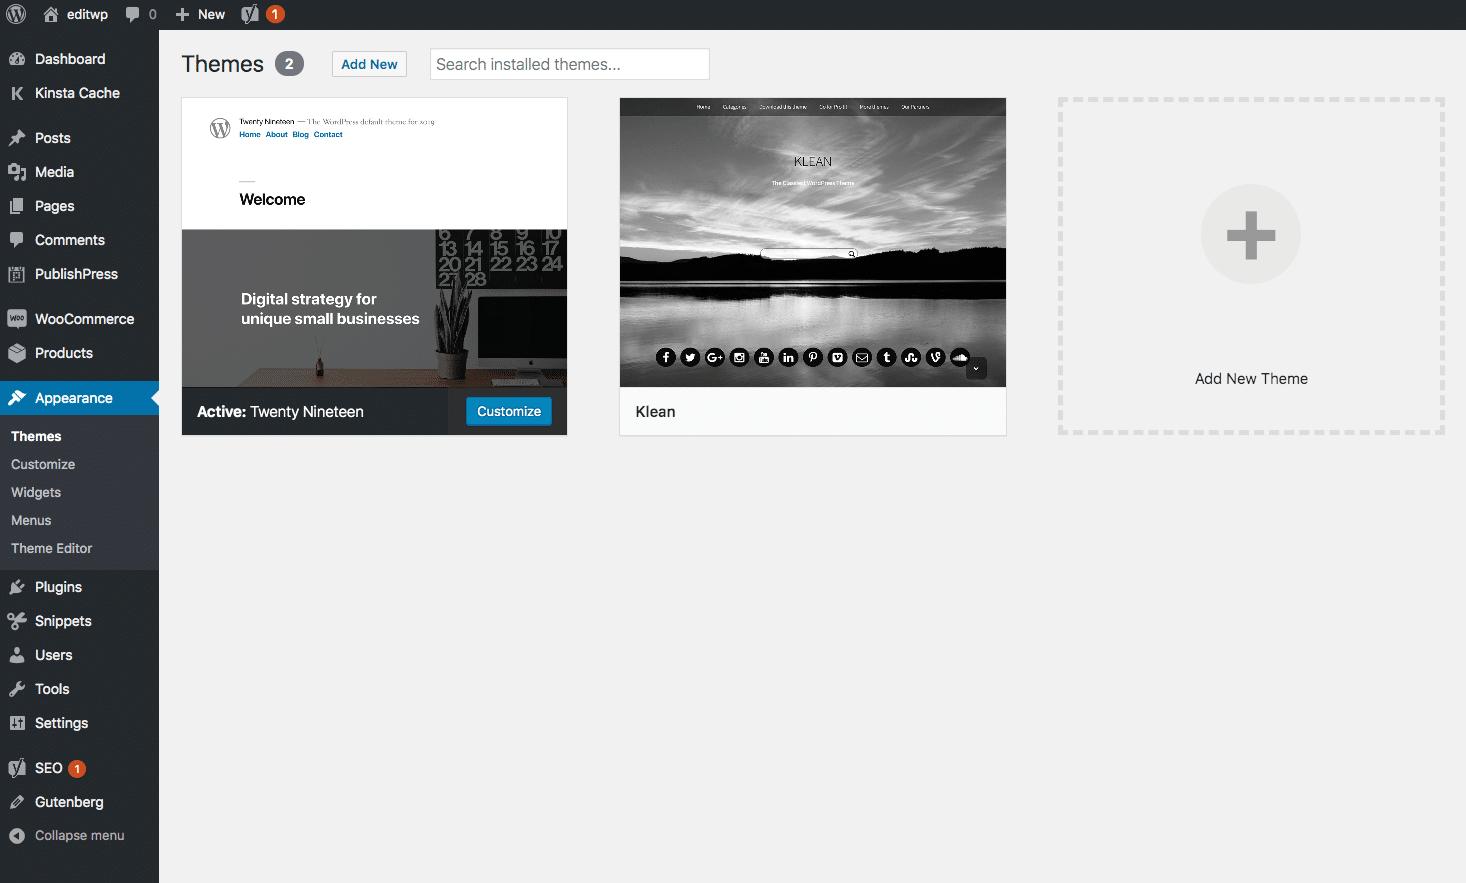 Aktuelles Theme in WordPress